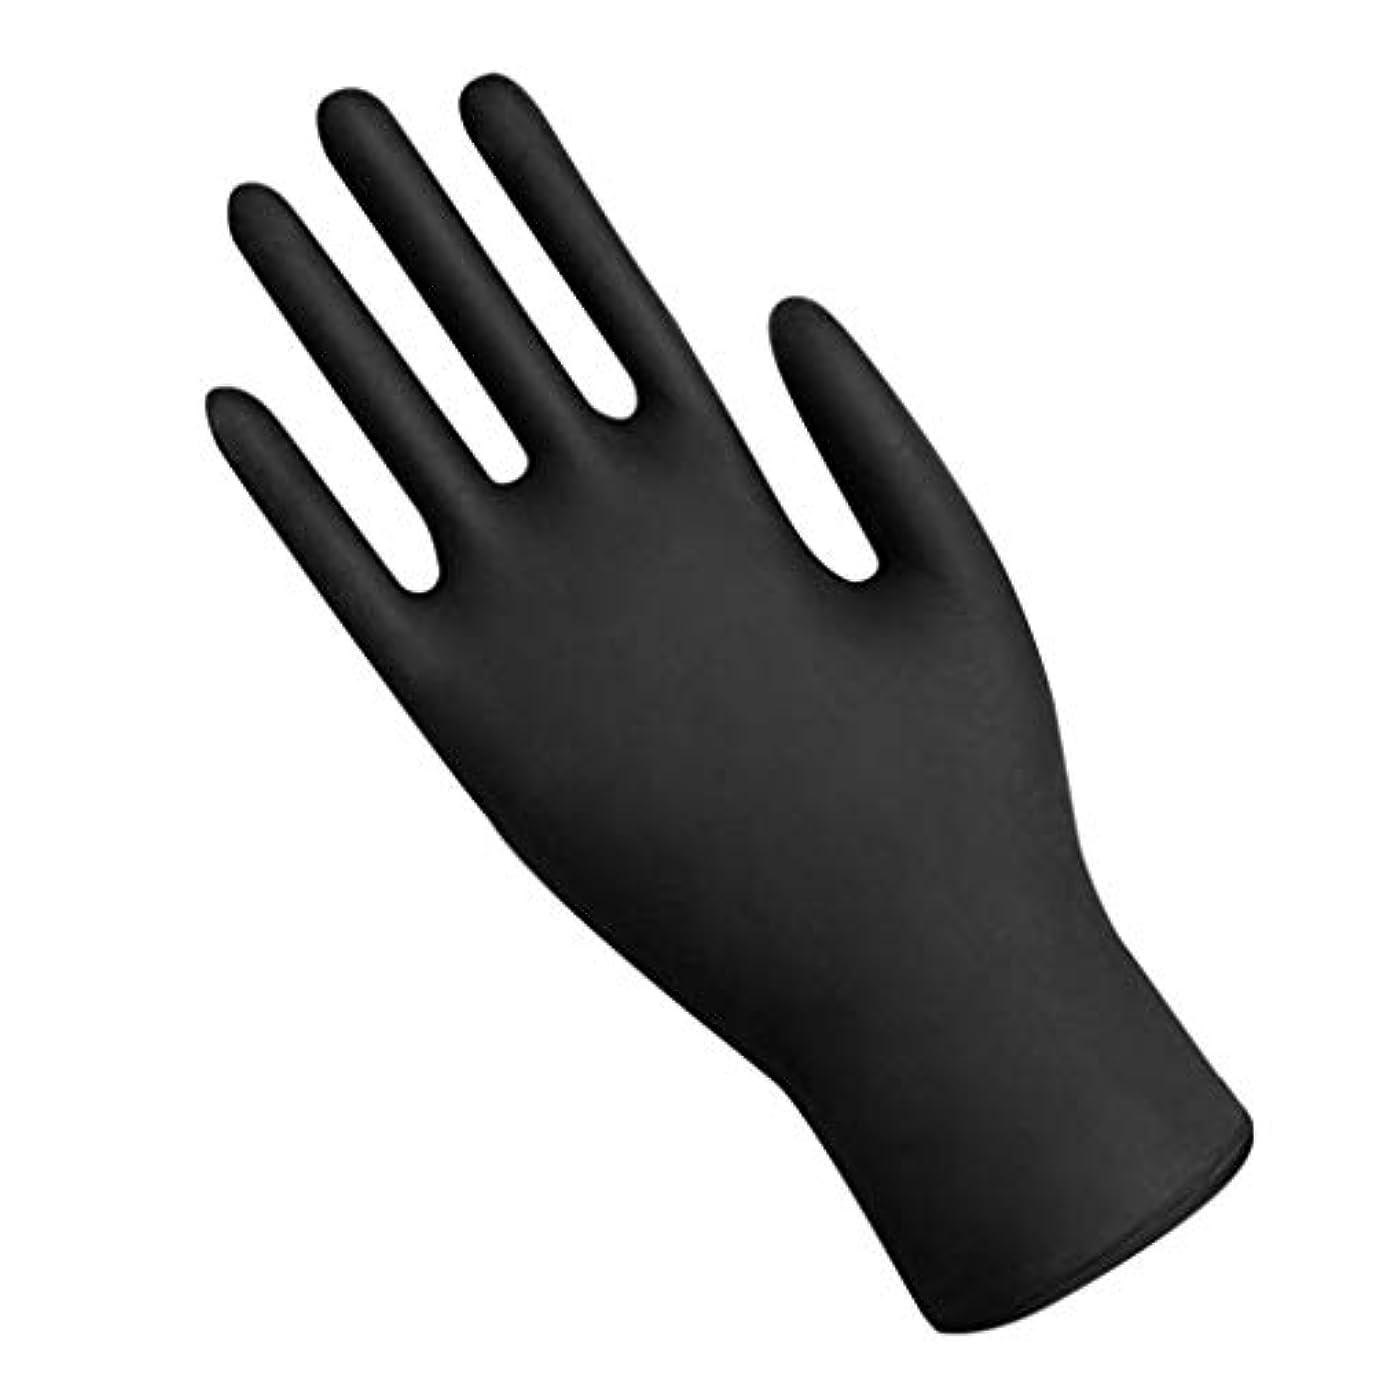 船前奏曲対立Lazayyi 50枚入 シルク手袋 手袋 使い捨て手袋 手荒い 滑りにくい 超弾性 (XL, ブラック)